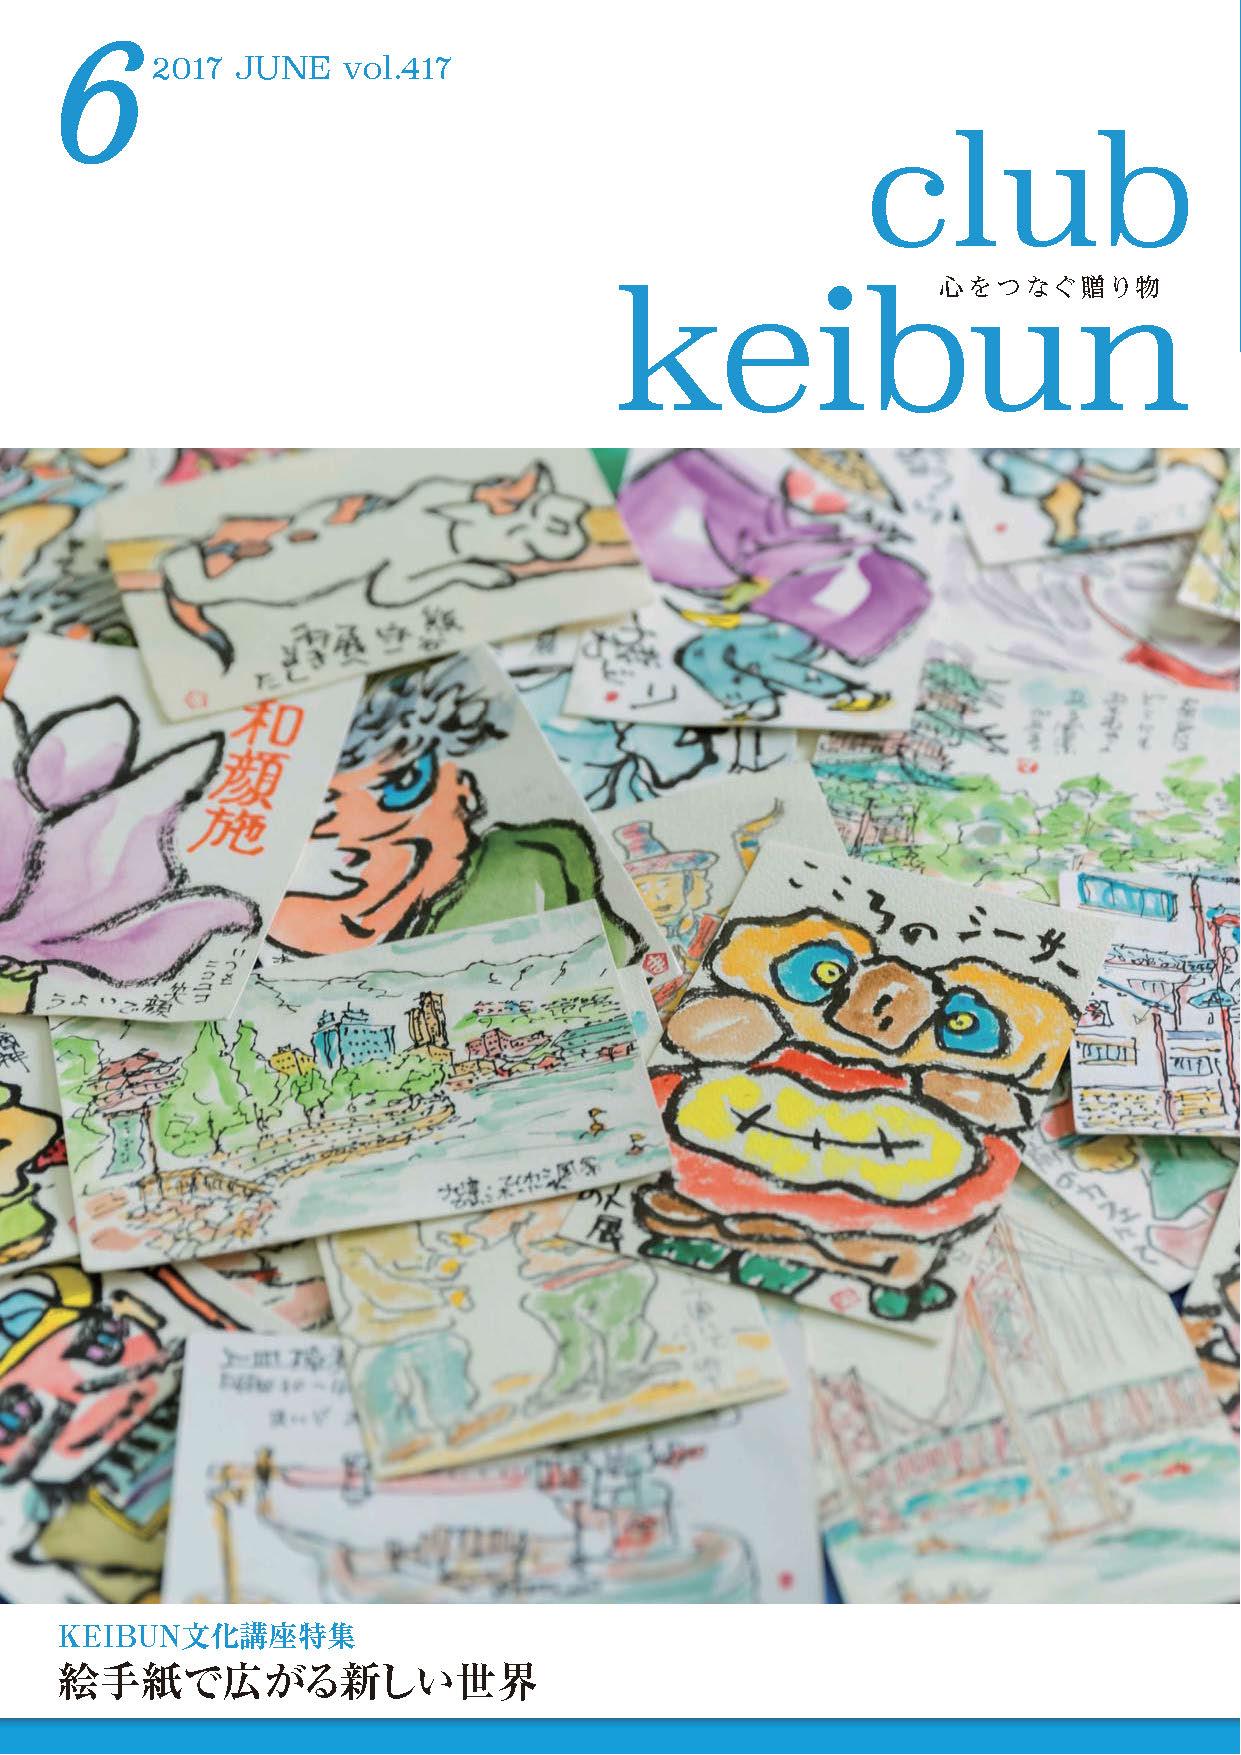 会報誌「club keibun(クラブケイブン)」表紙